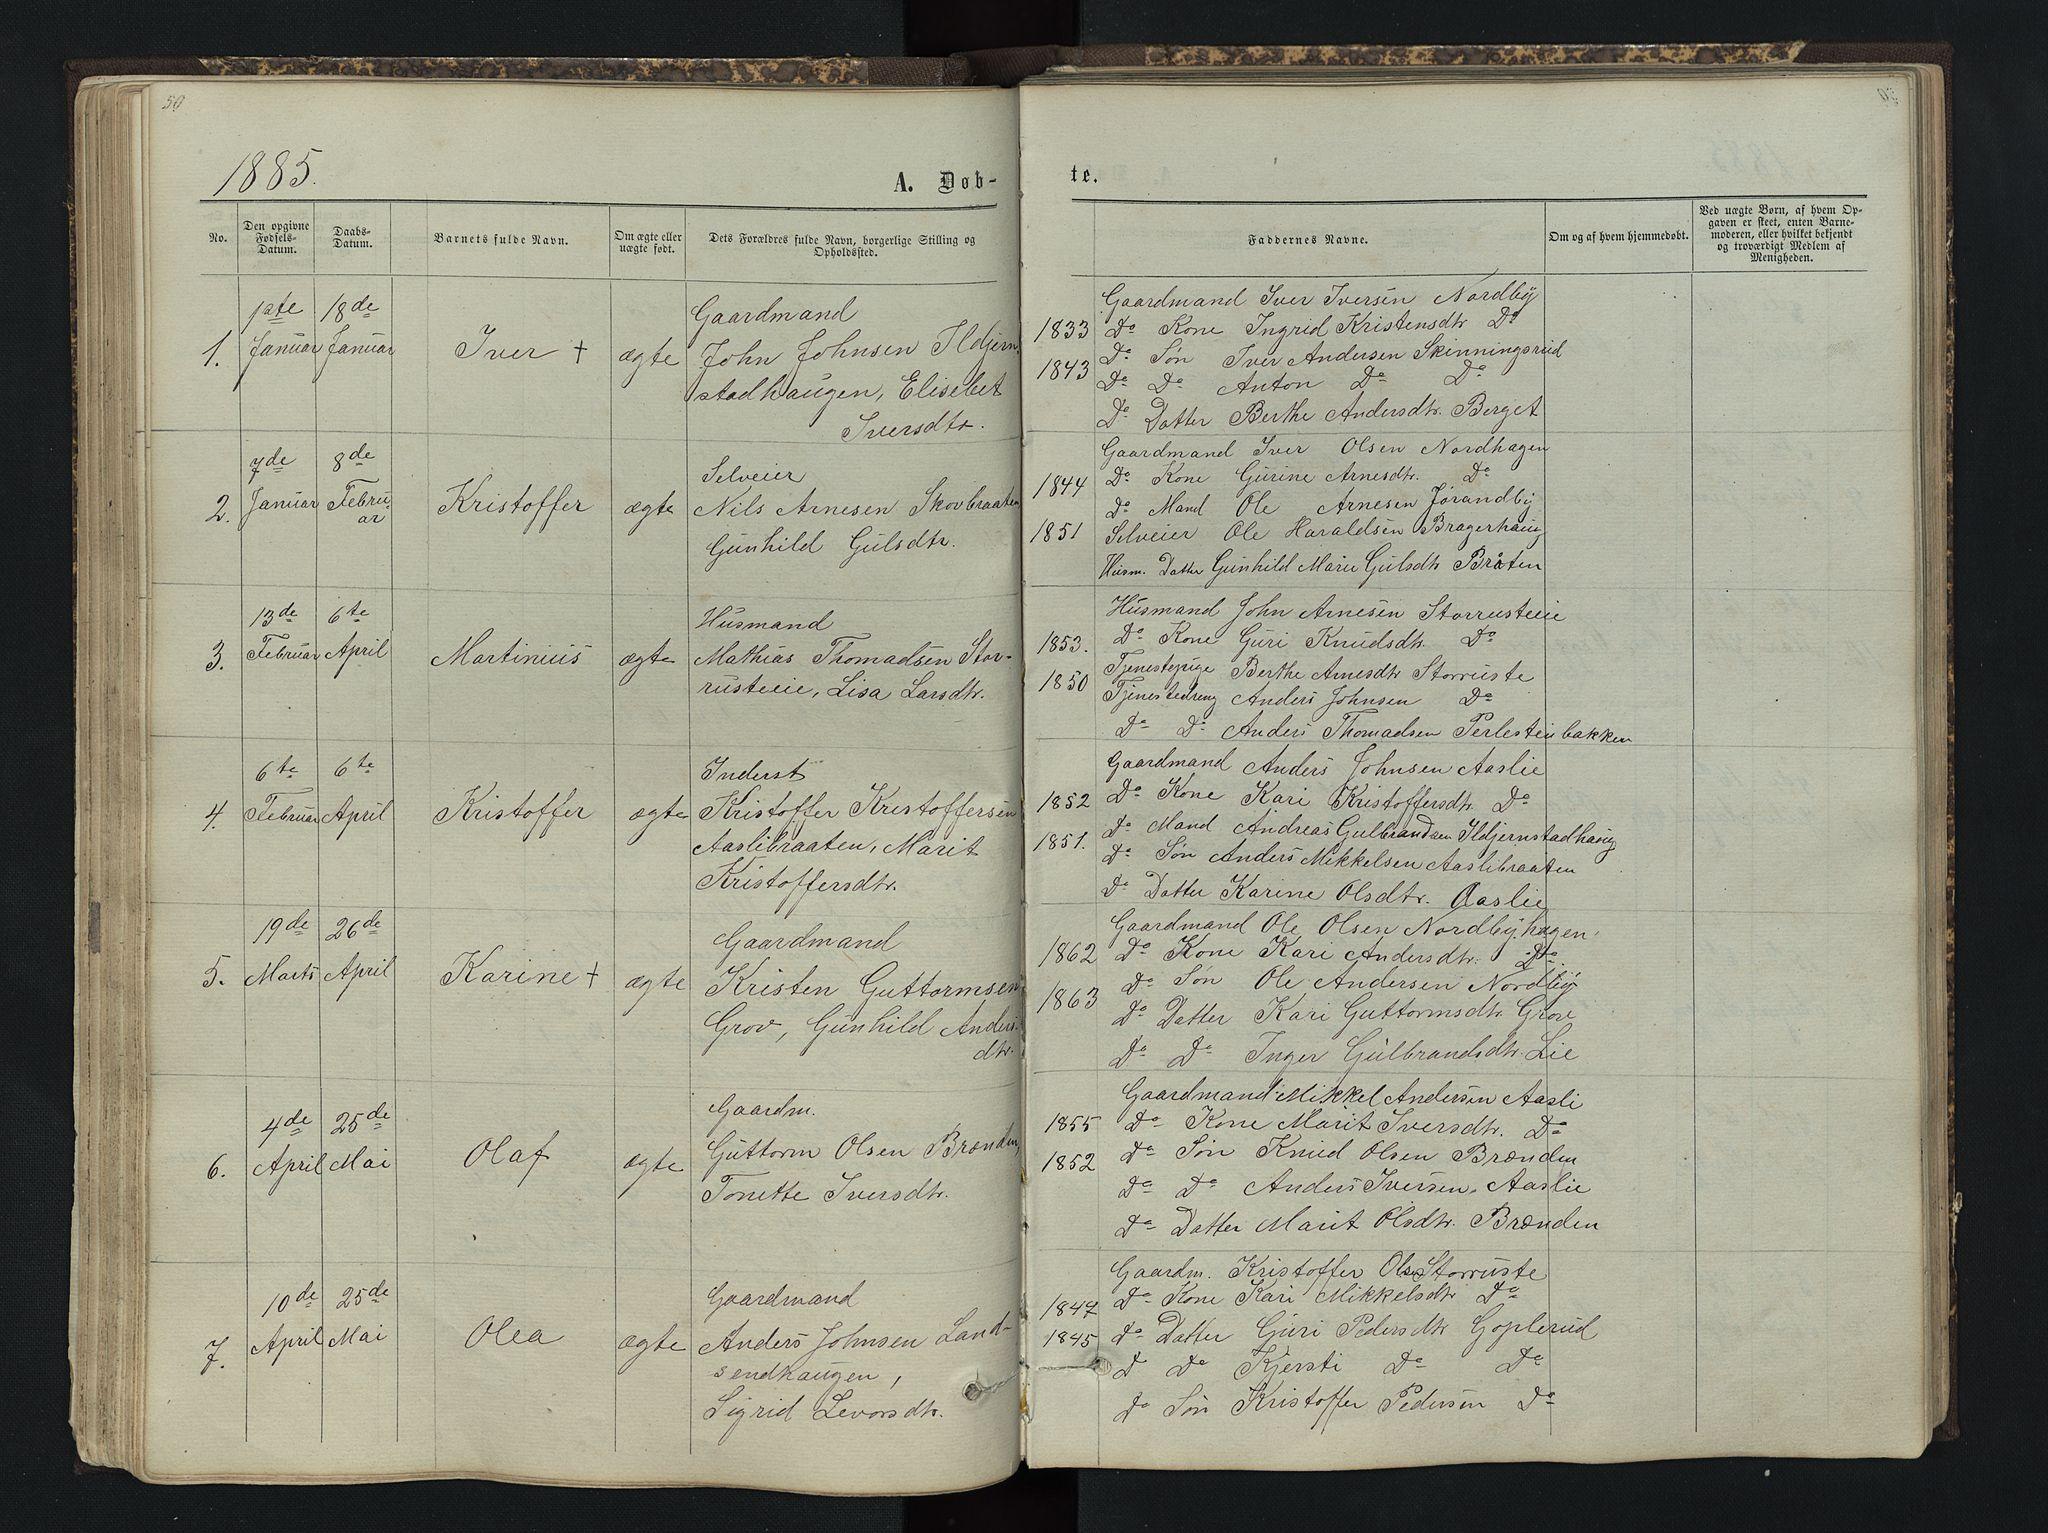 SAH, Sør-Aurdal prestekontor, Klokkerbok nr. 4, 1865-1893, s. 50